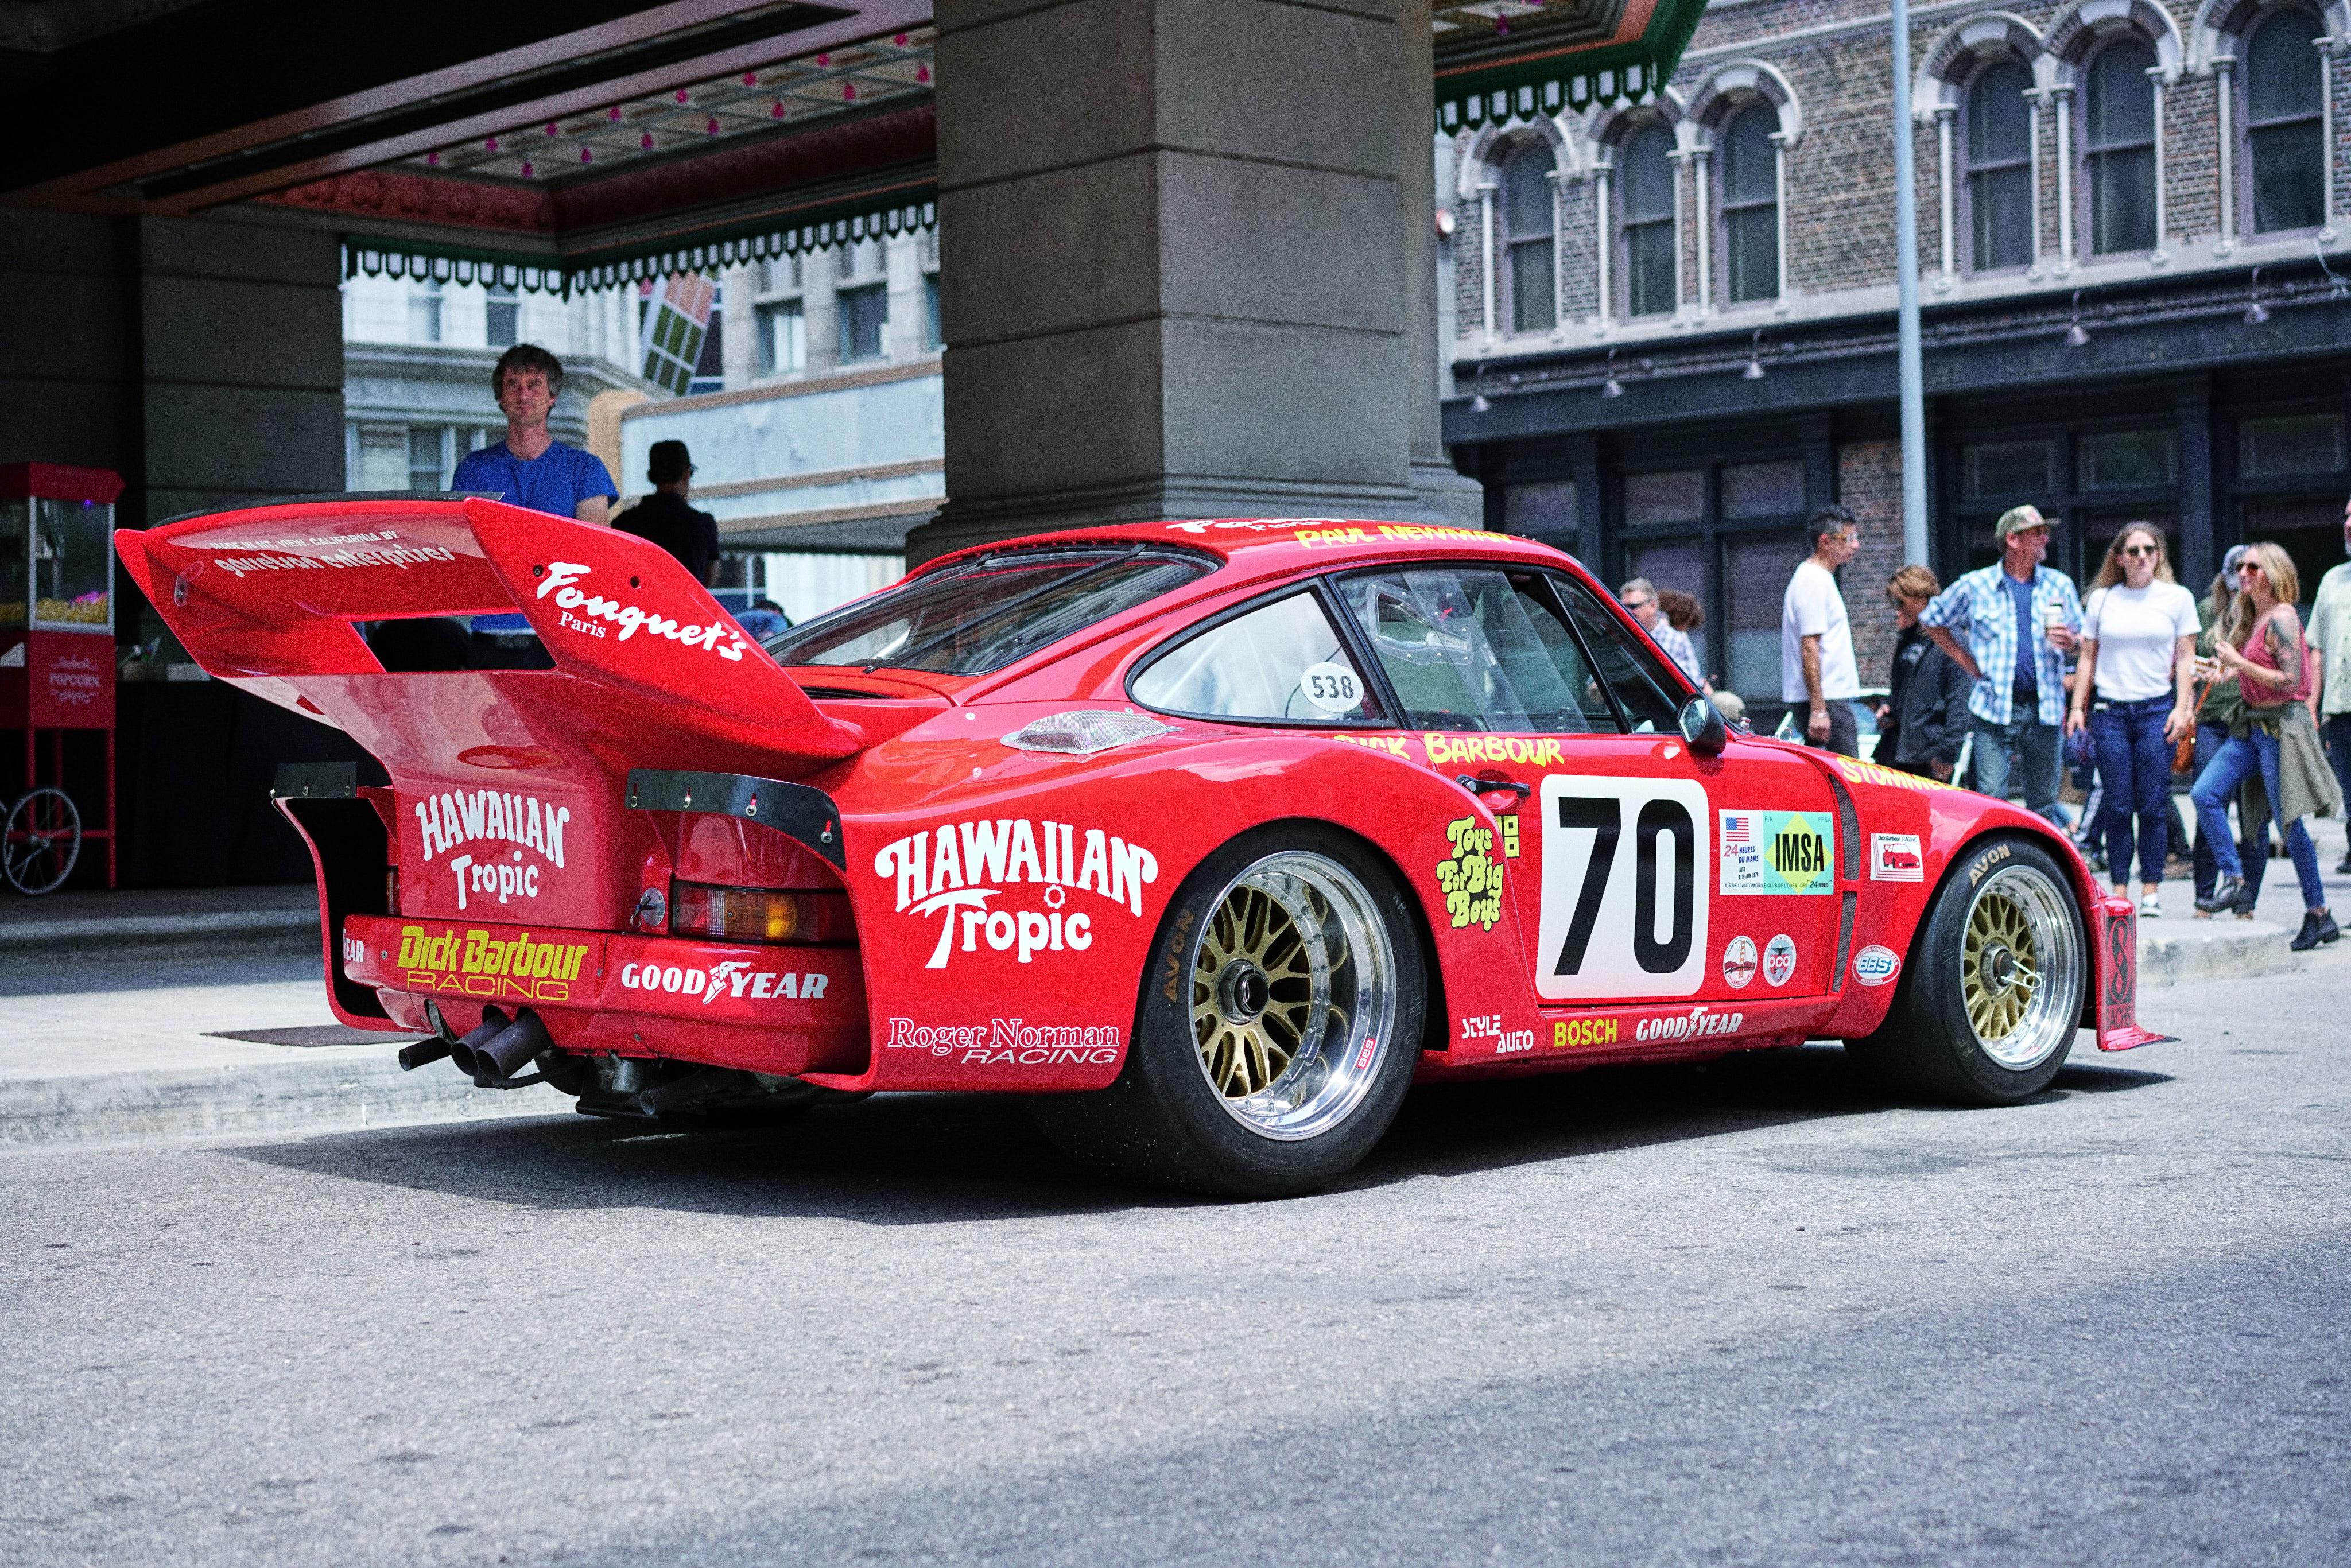 Luftgekühlt-6-Rennen-20-Porsche-935-Paul Newman-Hawaiian-Tropic